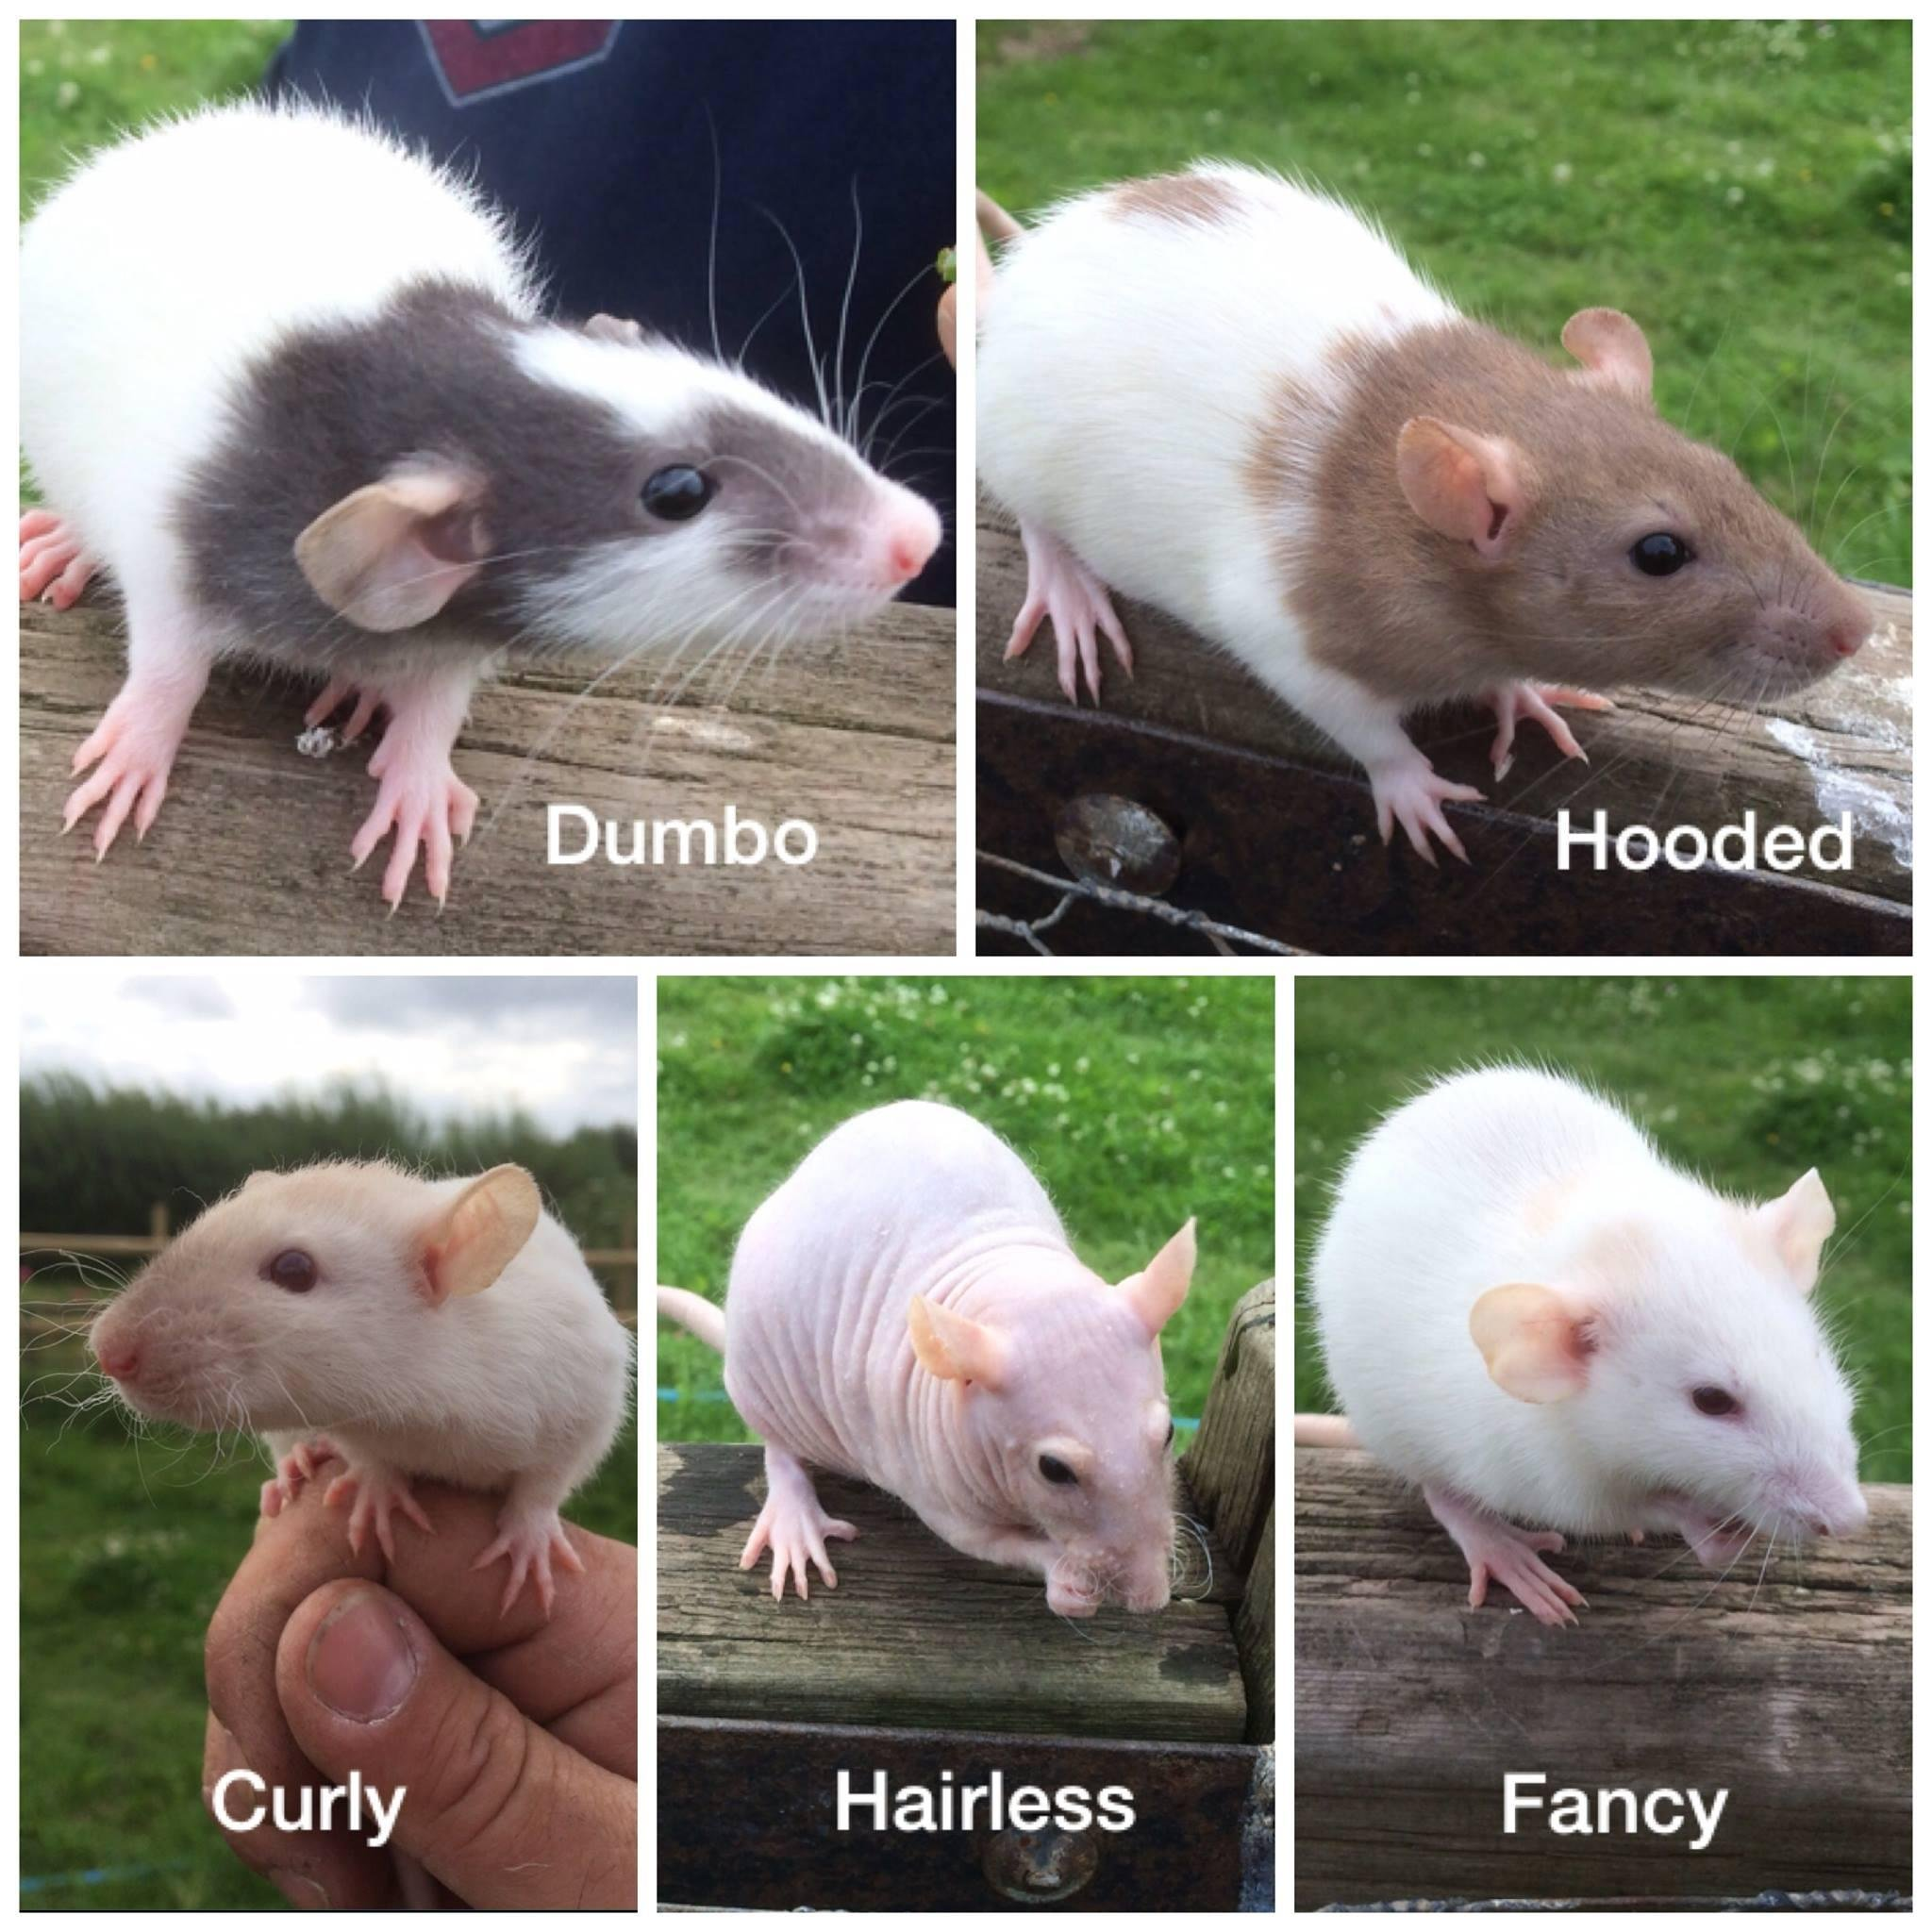 Fancy rats as pets - photo#5